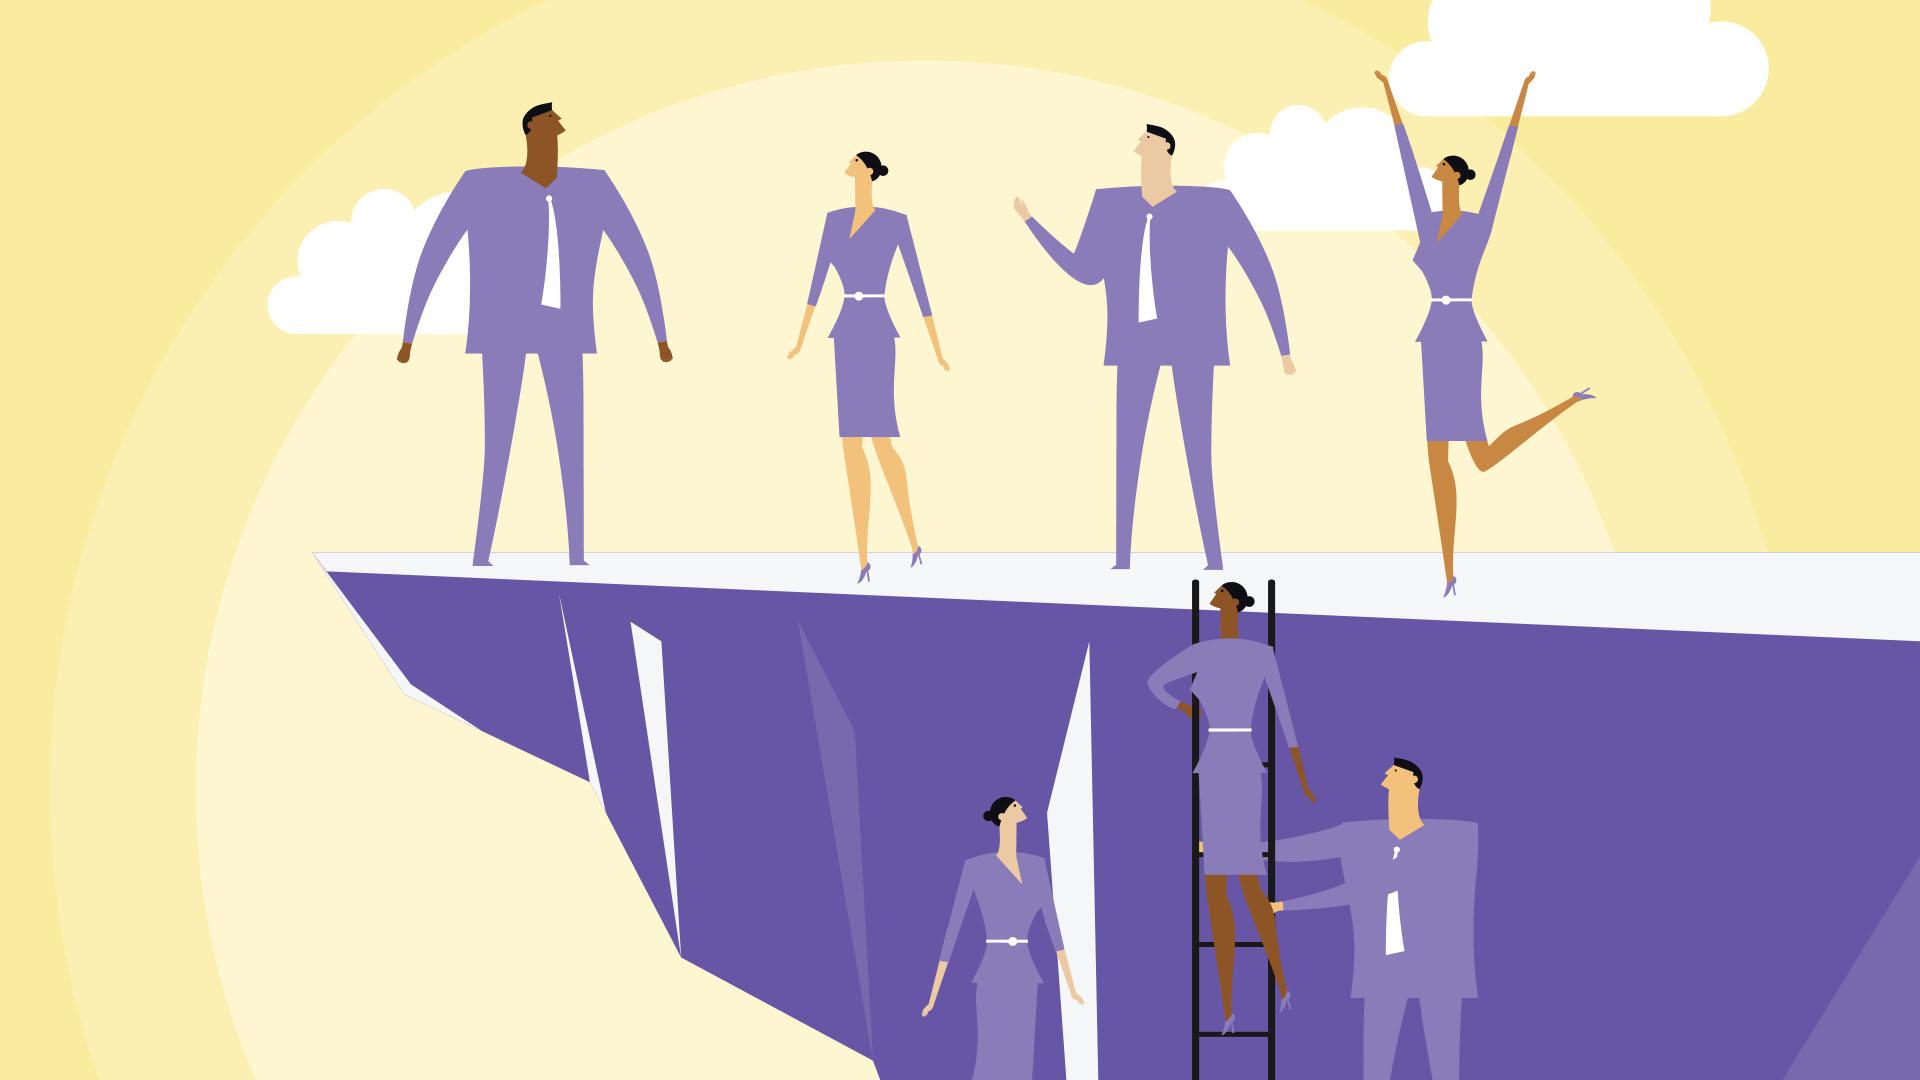 ۴ اصل بسیار مهم برای رهبری موفق گروه و کسب و کار چیست؟